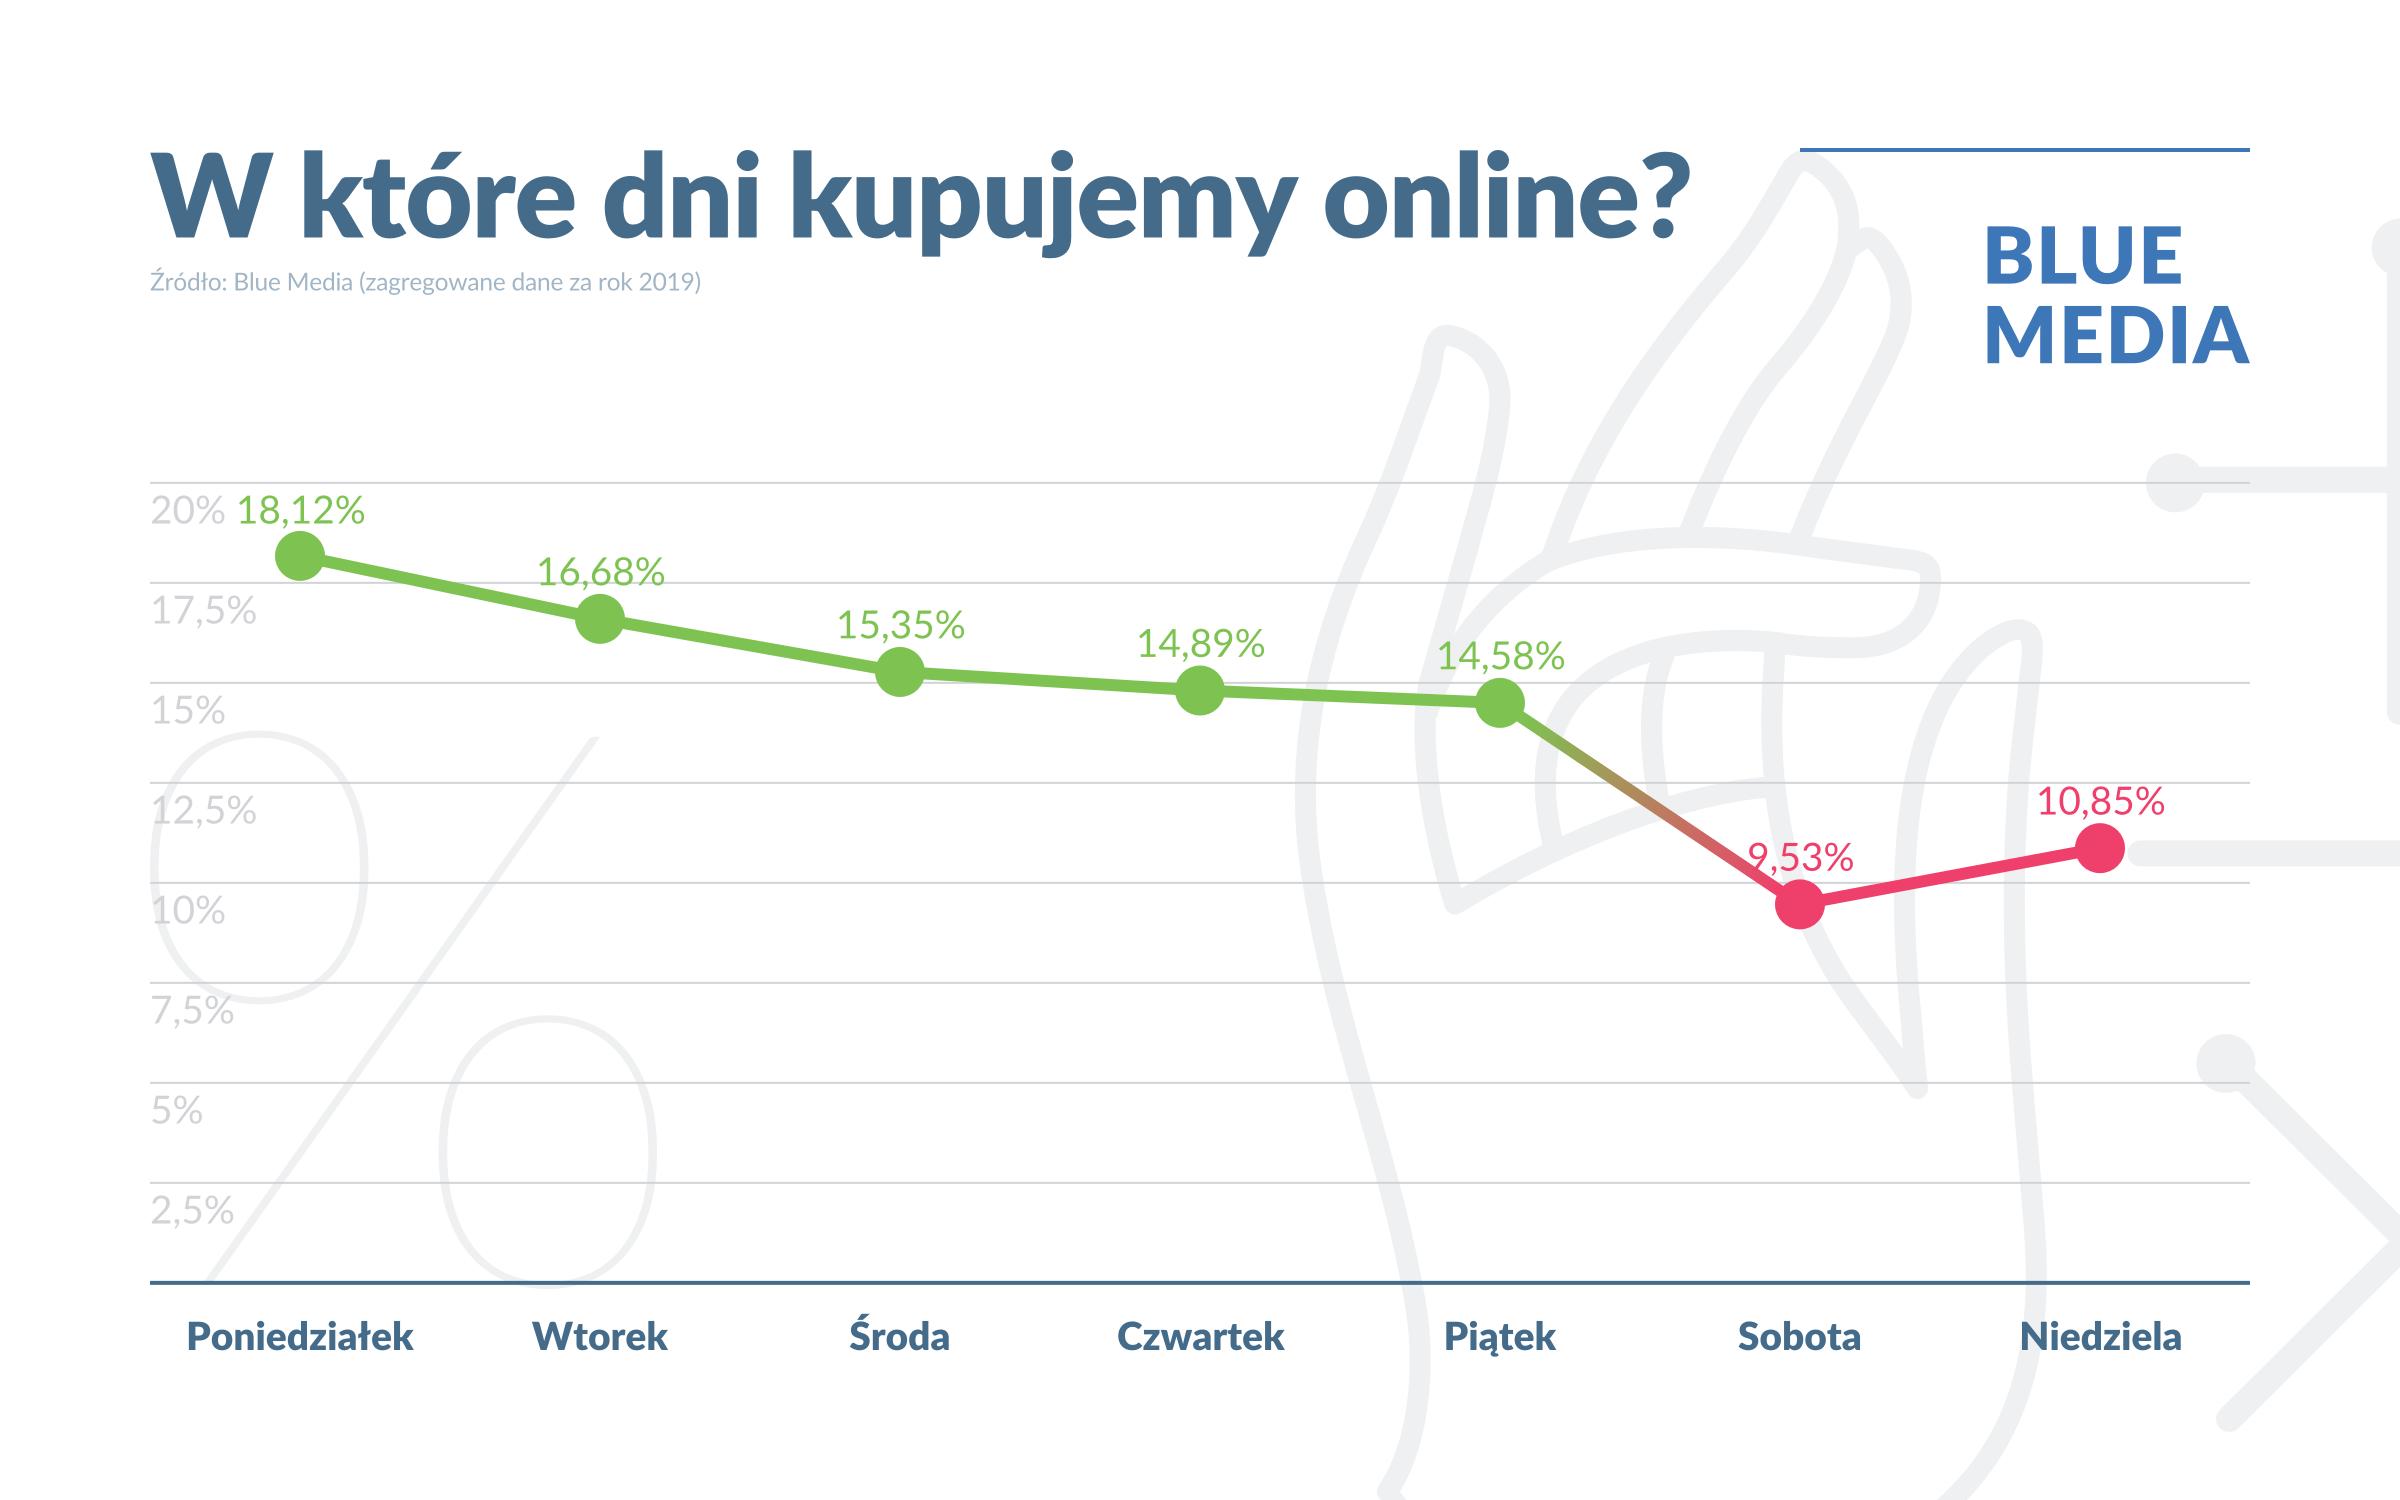 W które dni robimy najczęściej zakupy online? (2019)